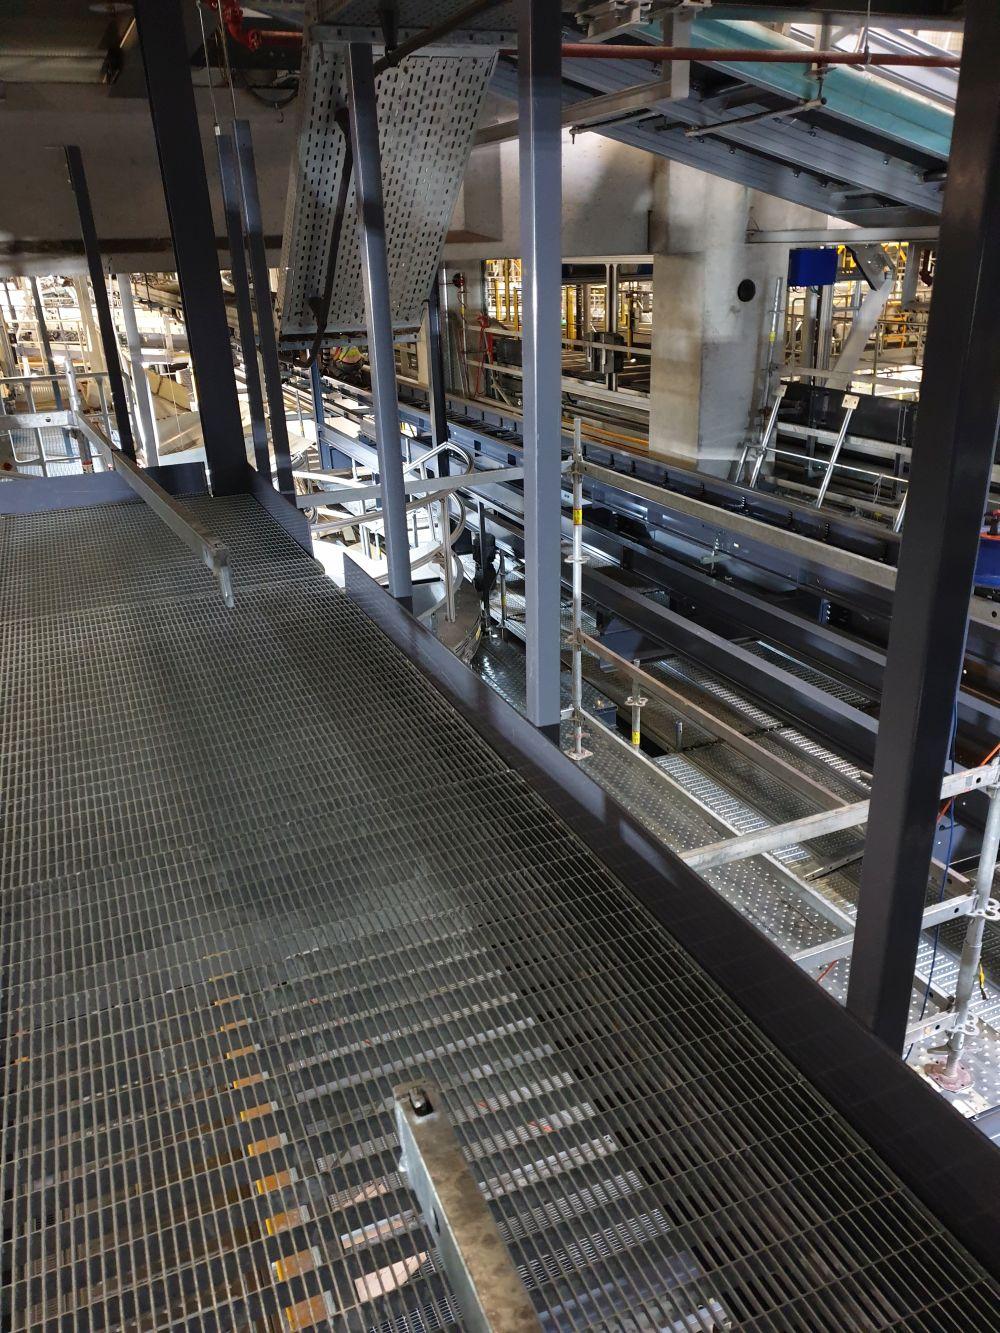 UPS Cologne-Bonn - Parcel sorter 04 to 08